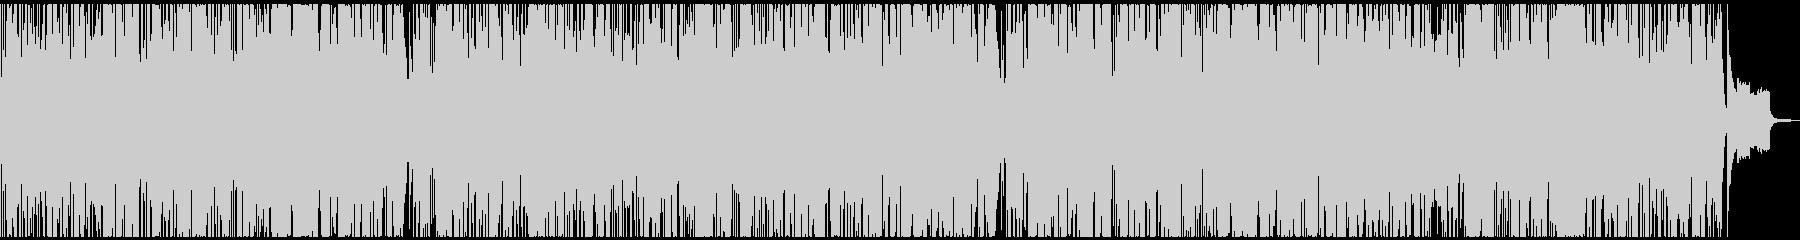 オーボエ主体のポップスの未再生の波形